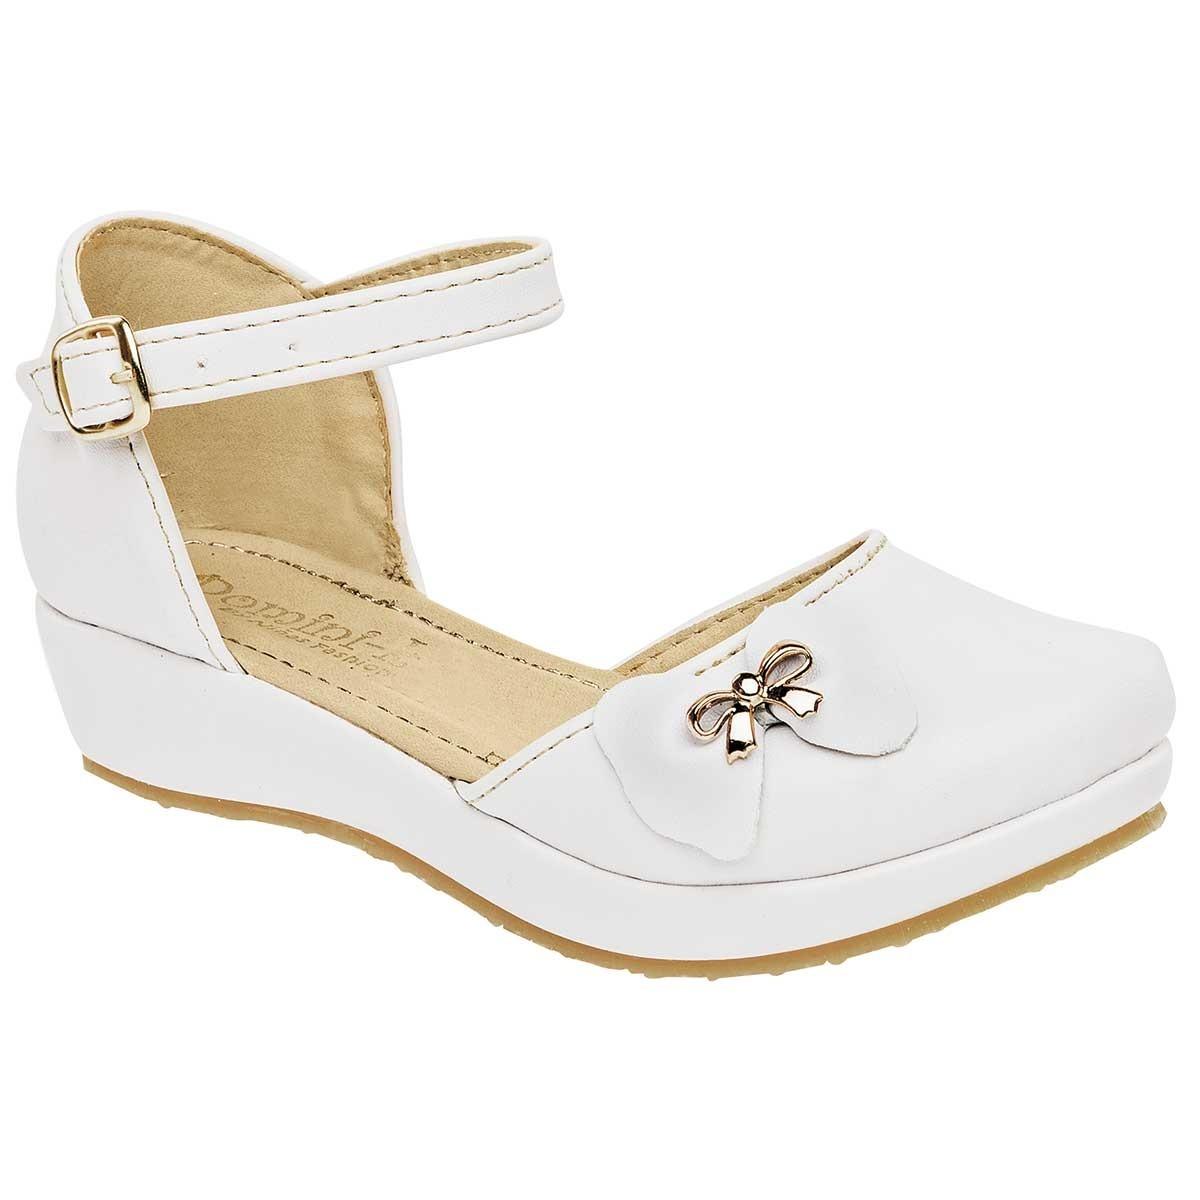 e6ce5151cfb02 zapatilla con tacon para niña marca niñas fashion 1063 dgt. Cargando zoom.